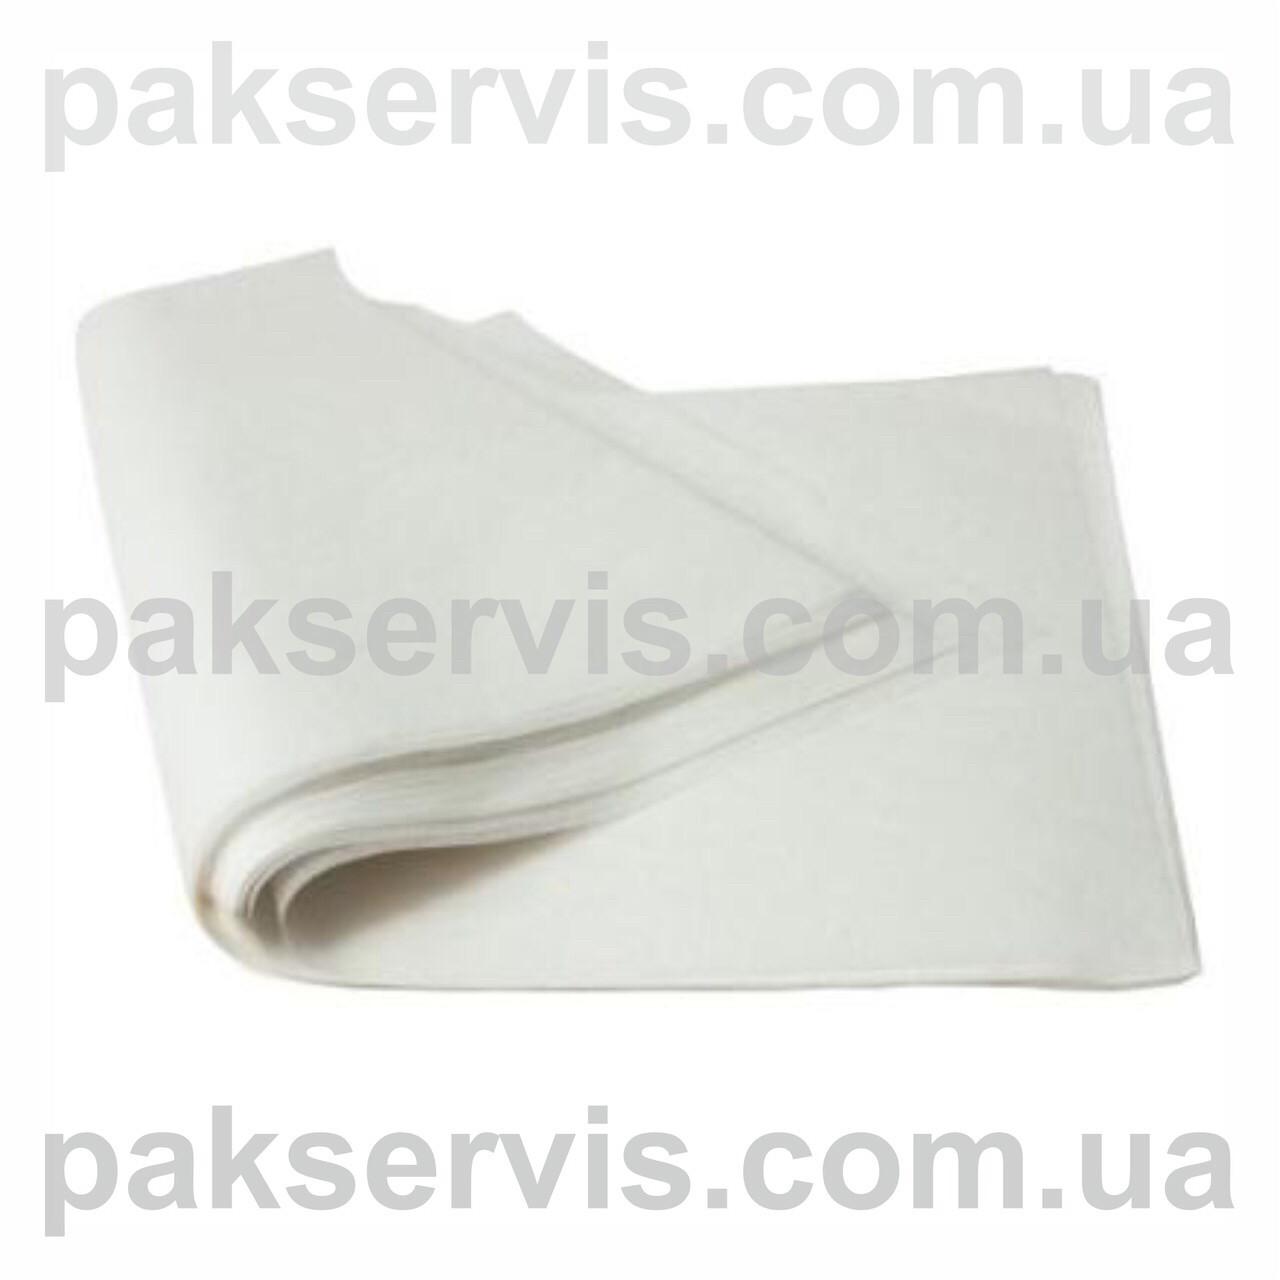 Пергамент в листах силиконизированный 40см х 60см (500 листов)